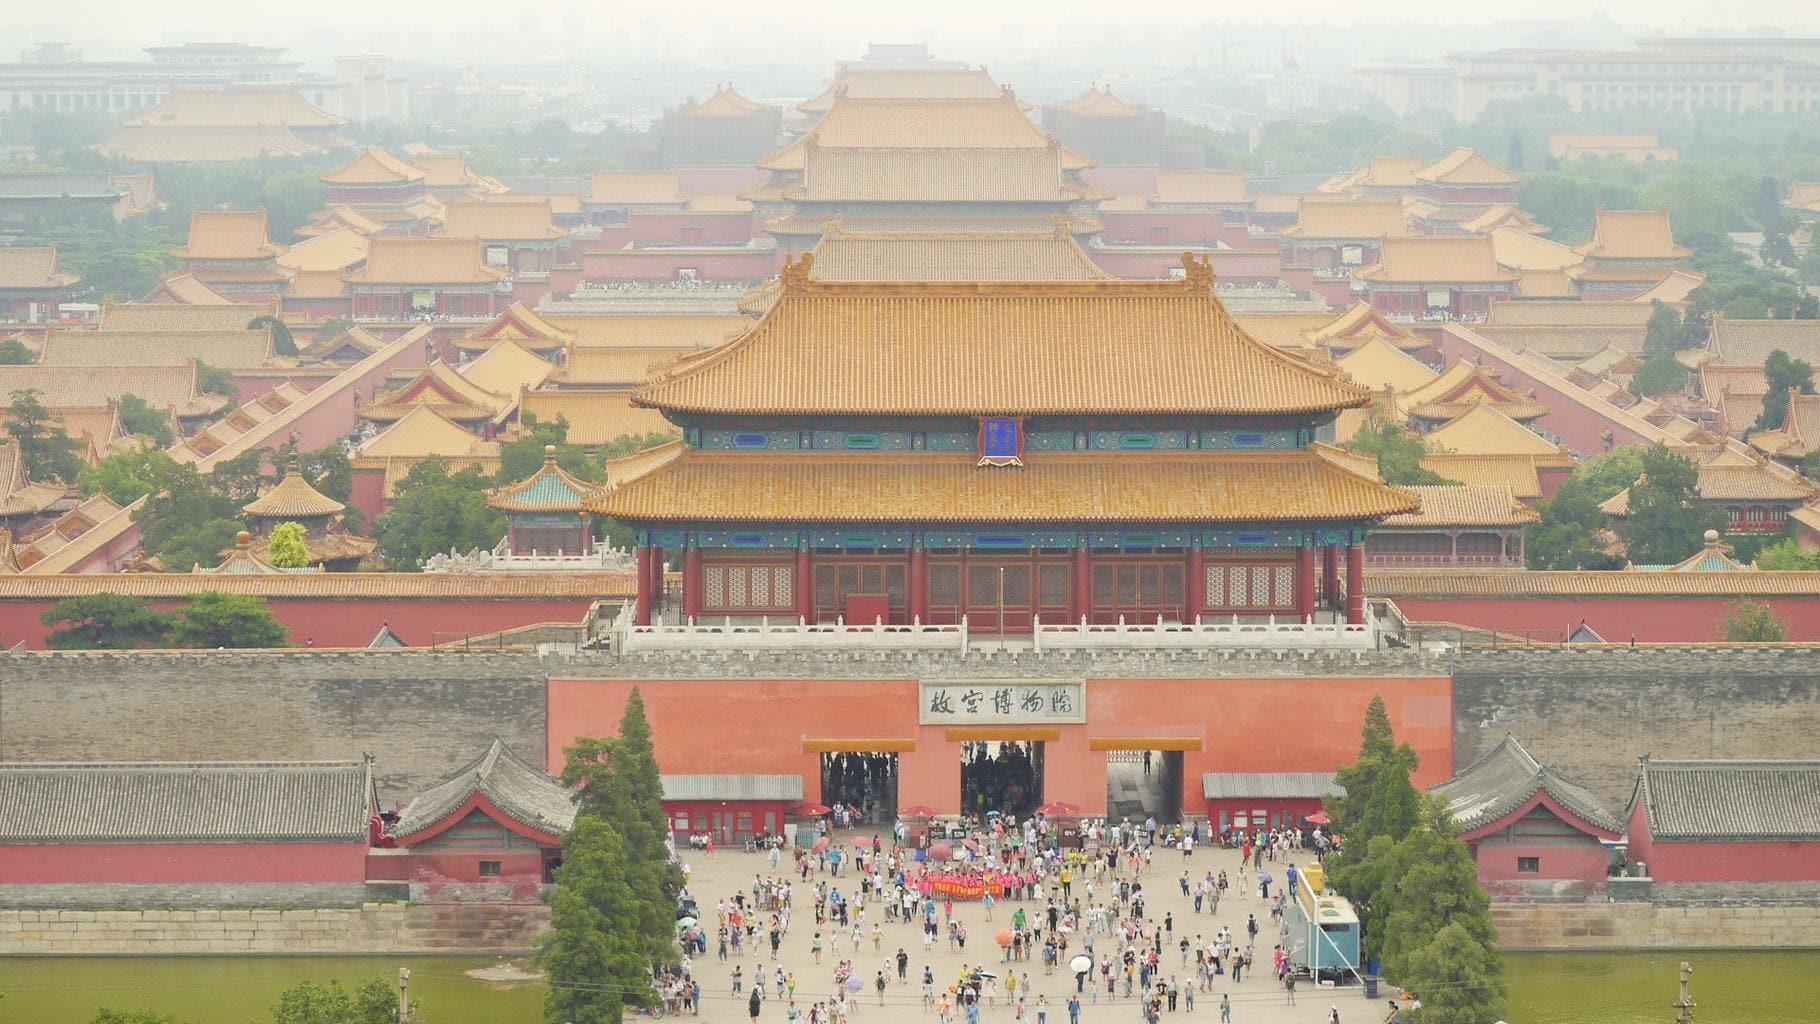 Beijing's Forbidden City hidden behind the smog